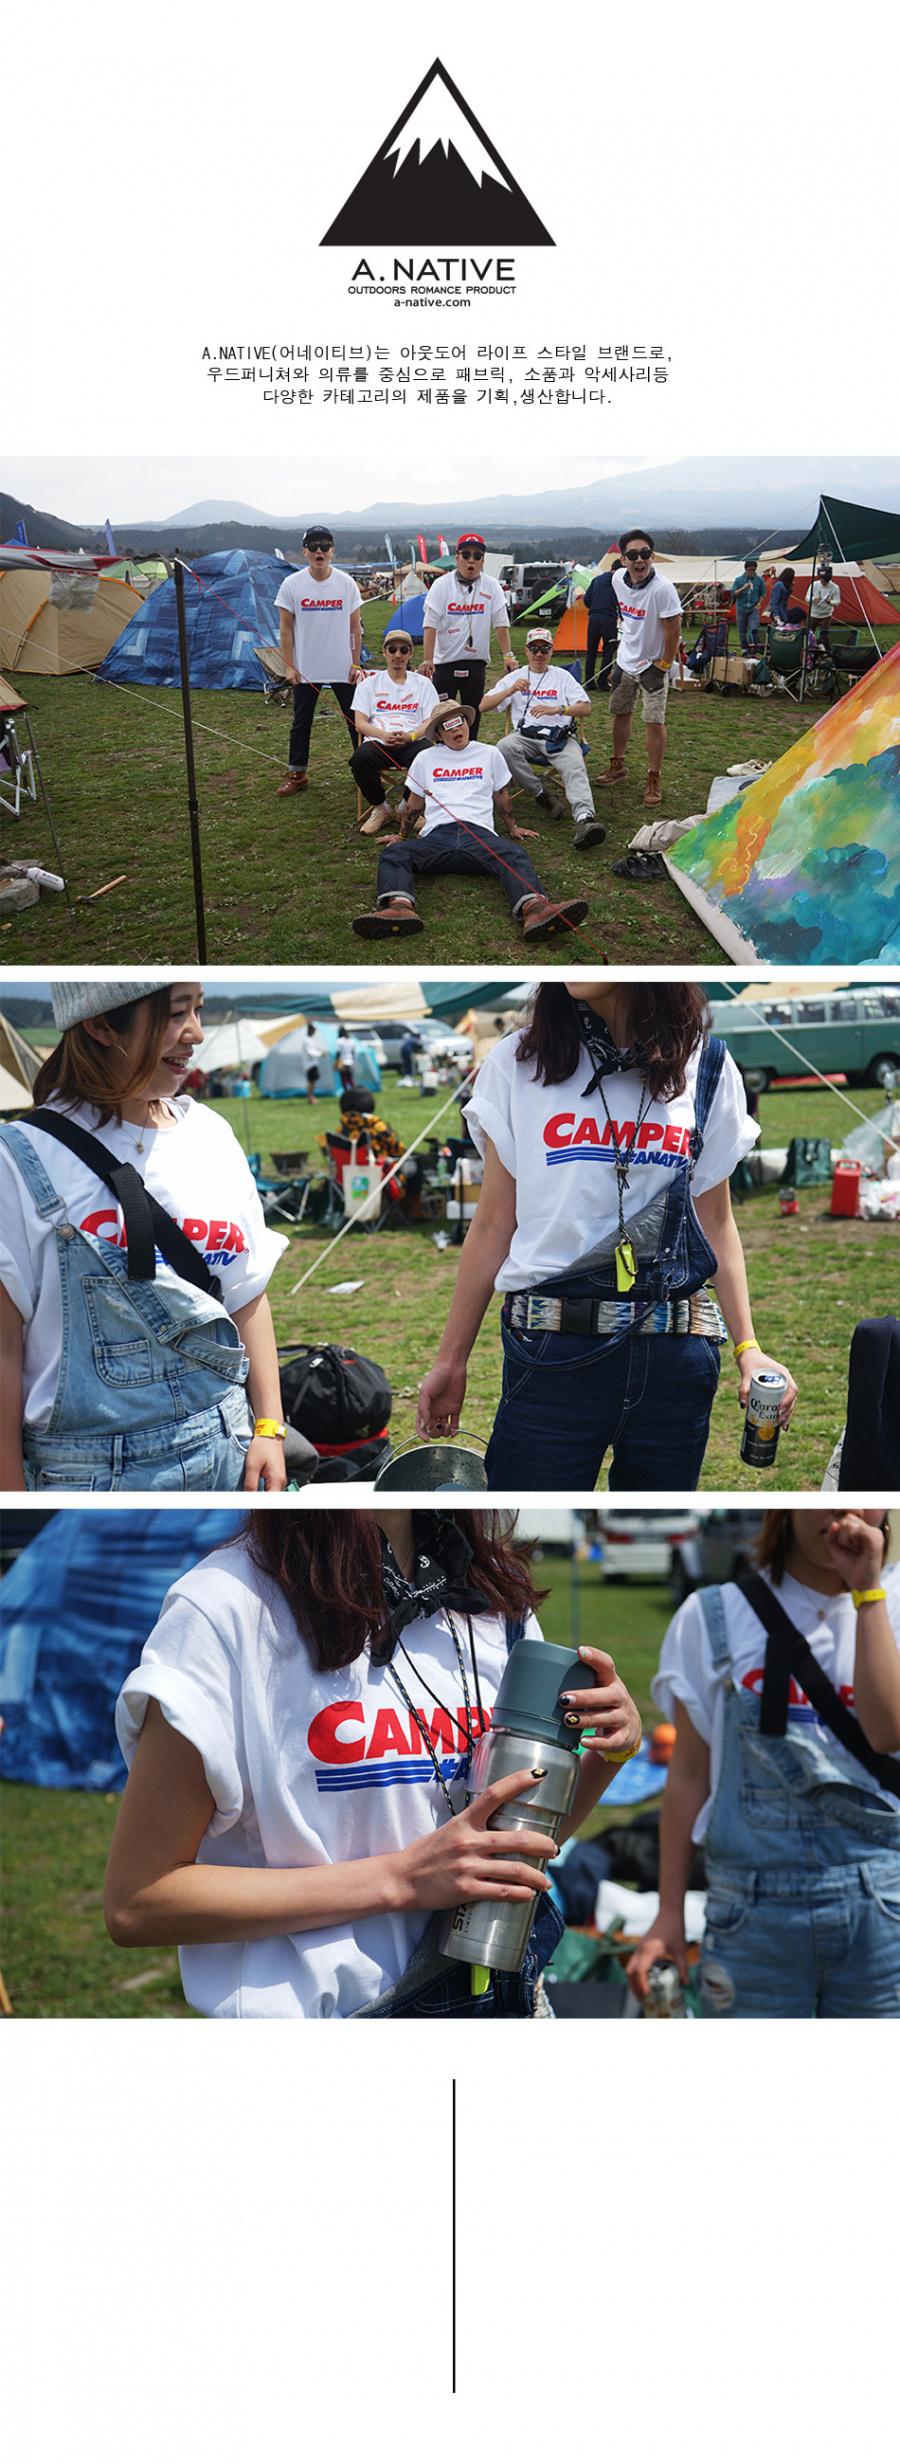 어네이티브(A.NATIVE) 킵고잉 아트웍 나염 오버핏 반팔 티셔츠  (회색)